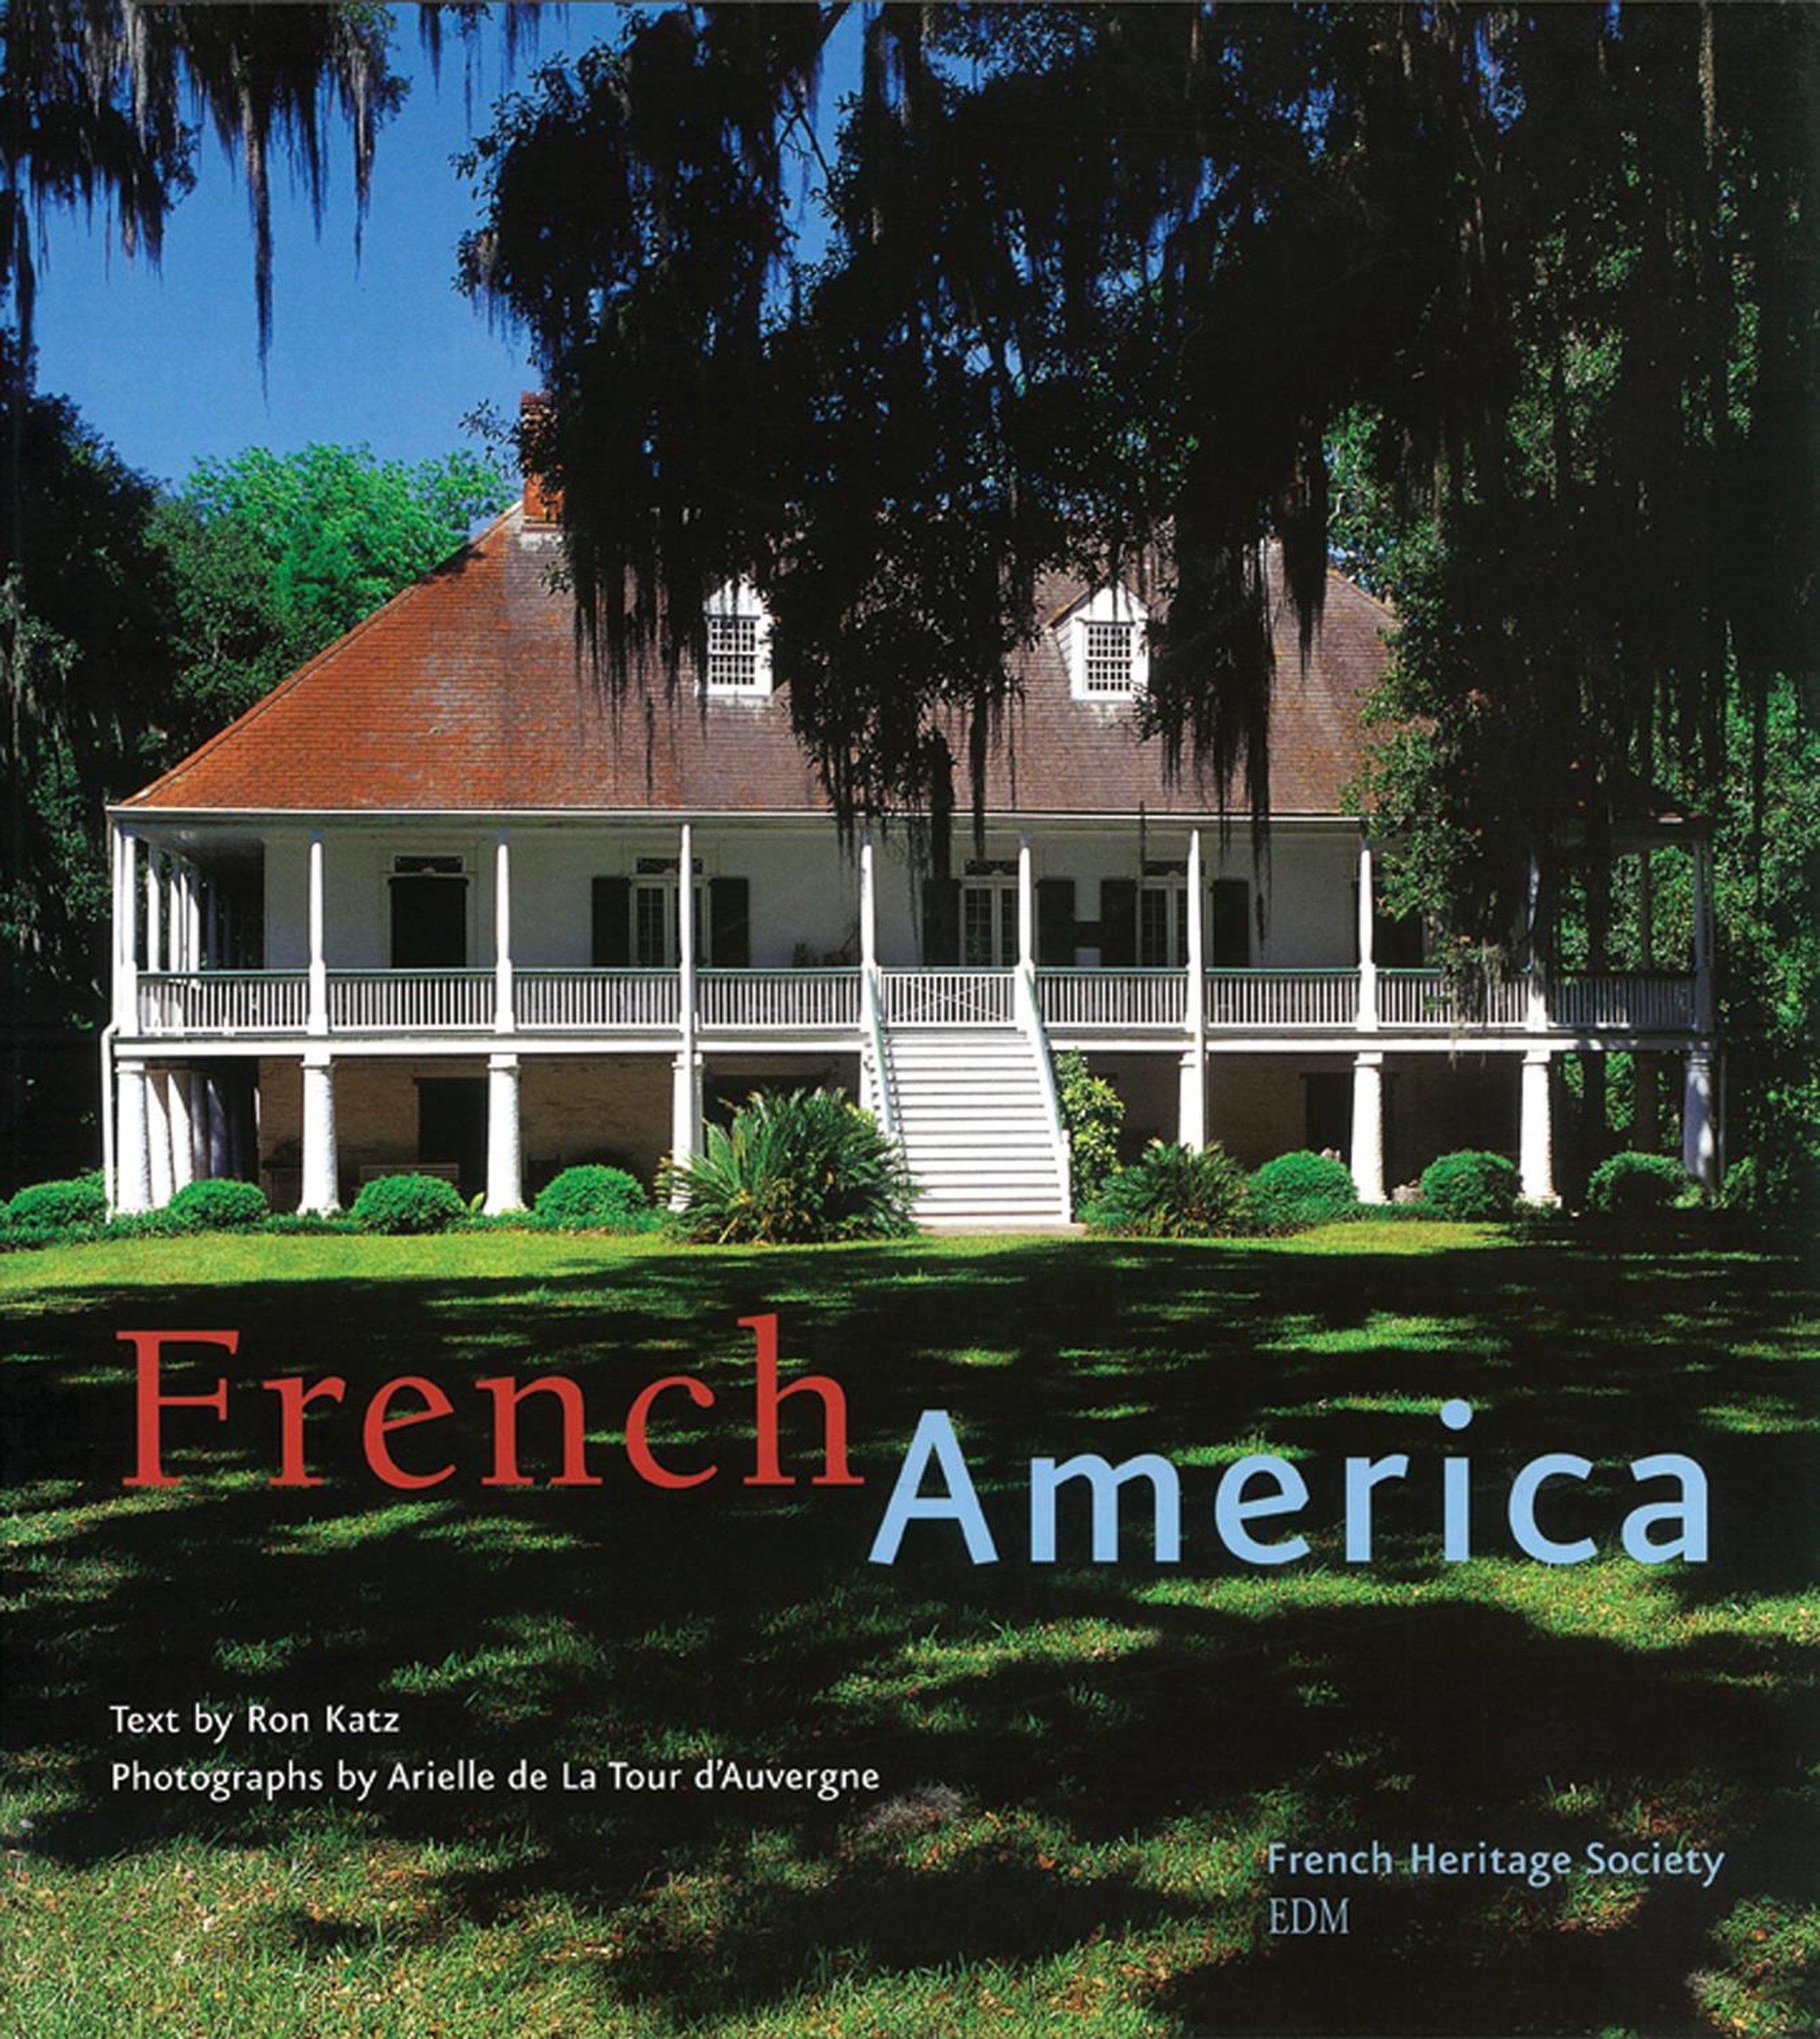 FrenchAmerica.jpg